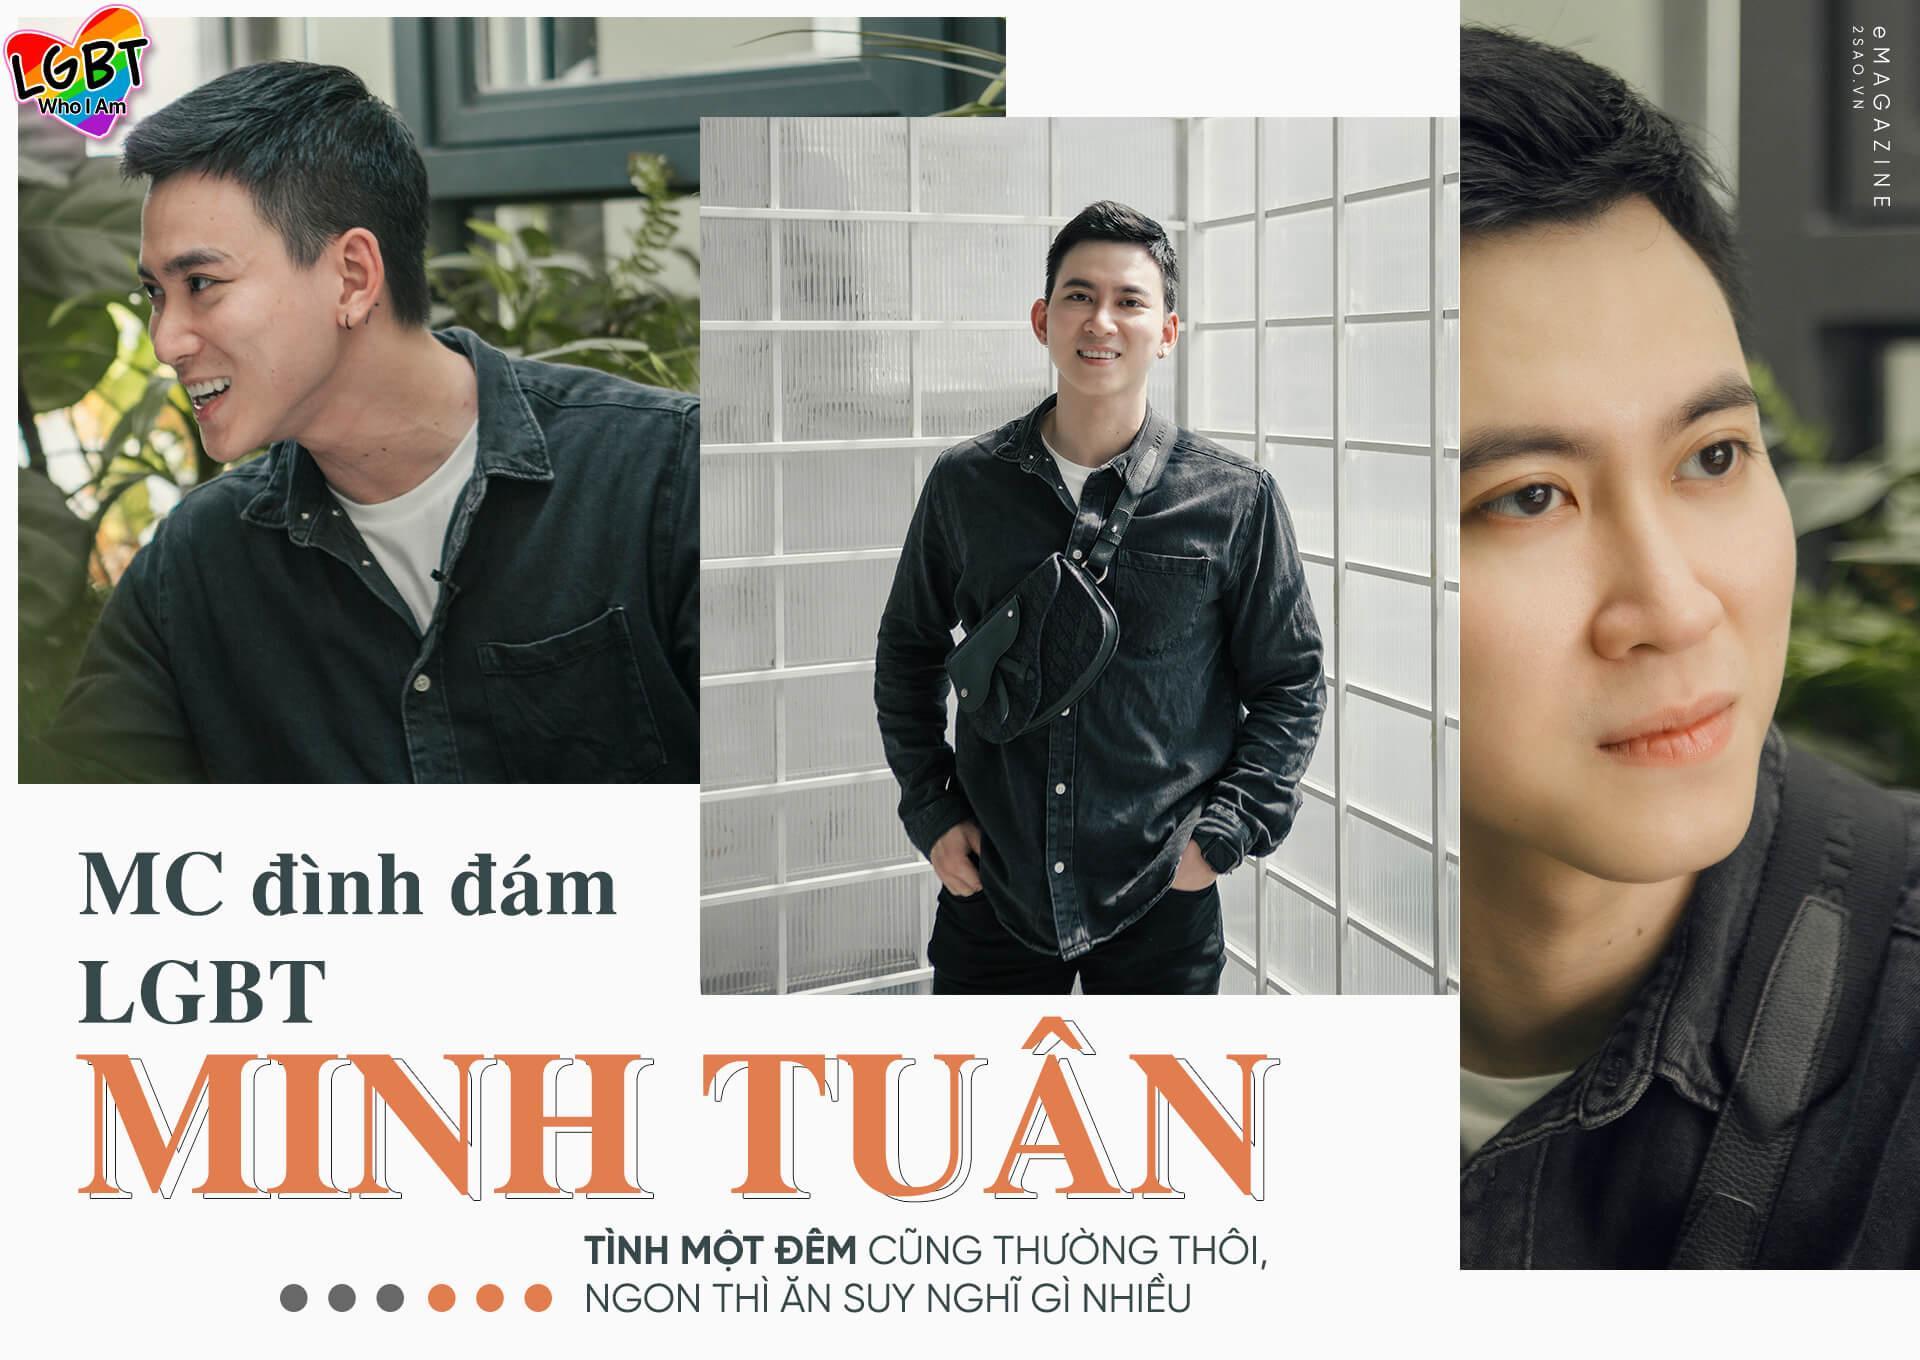 MC đình đám giới LGBT Minh Tuân: 'Tình một đêm thường thôi, ngon thì ăn suy nghĩ gì nhiều'